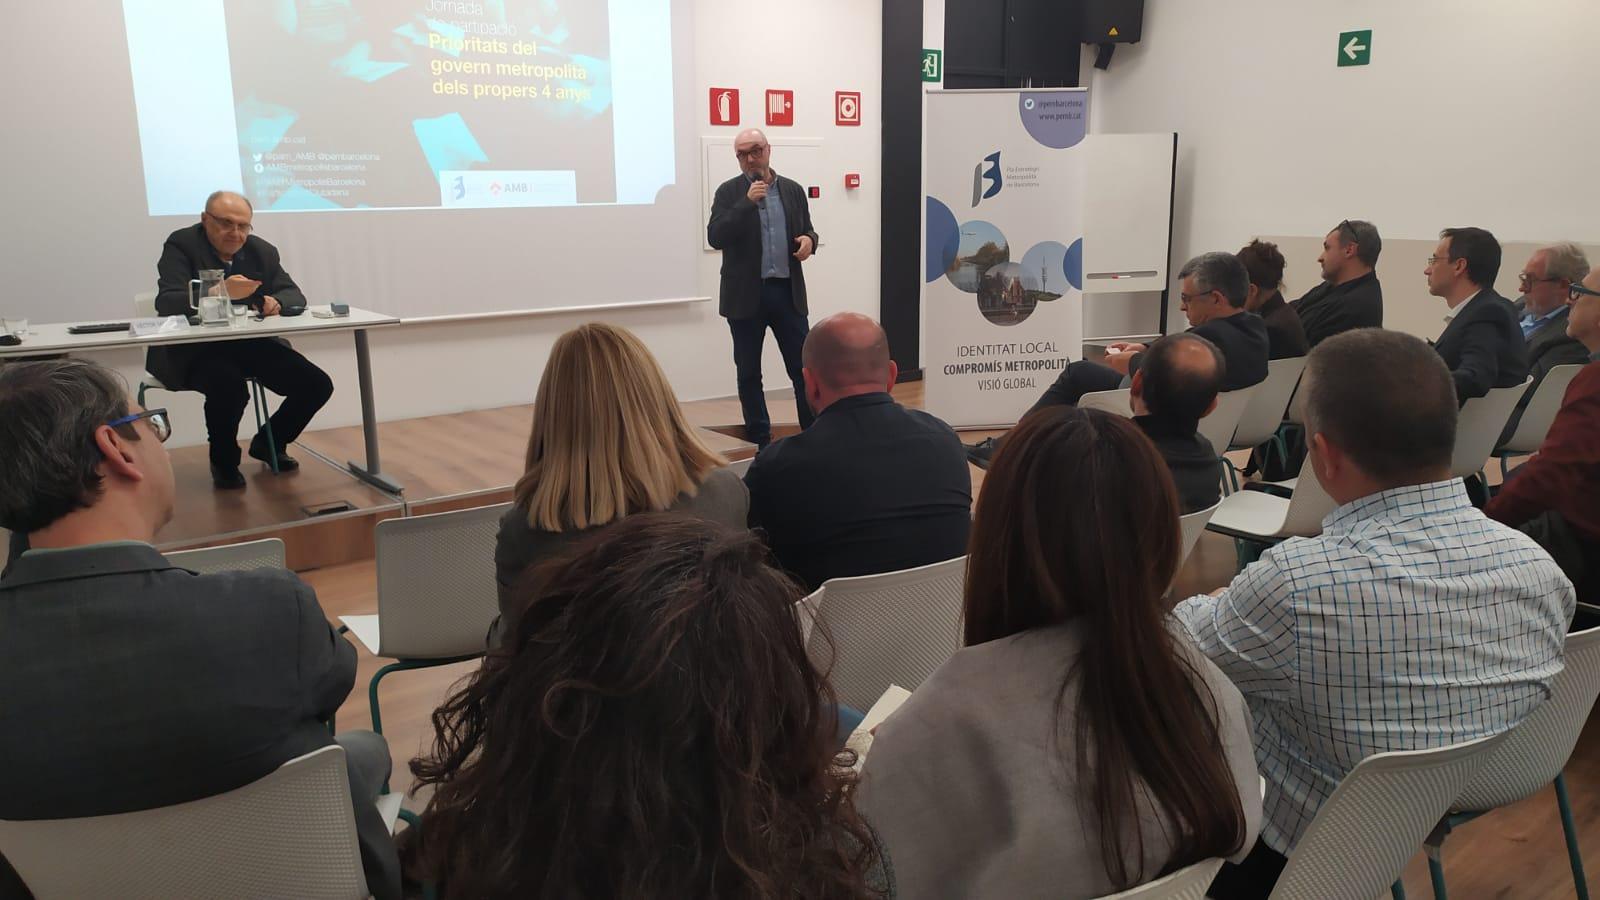 El coordinador general de PEMB, Oriol Estela Barnet, durant la primera activitat de l'associació en la nova ubicació